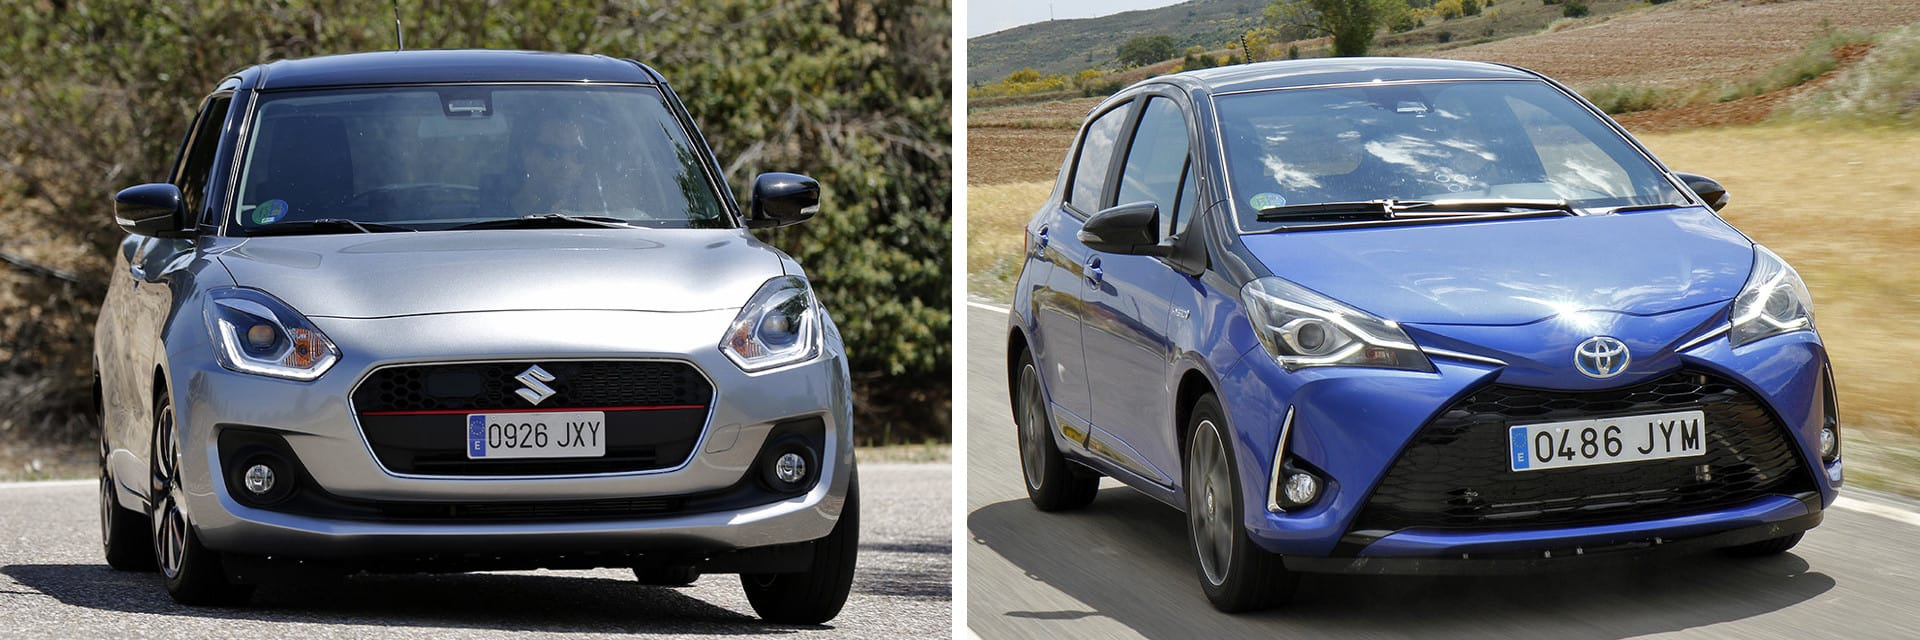 Tanto el Suzuki Swift 1.0 GLX SHVS (izq.) como el Toyota Yaris 100H Feel! (dcha.) son vehículos híbridos.